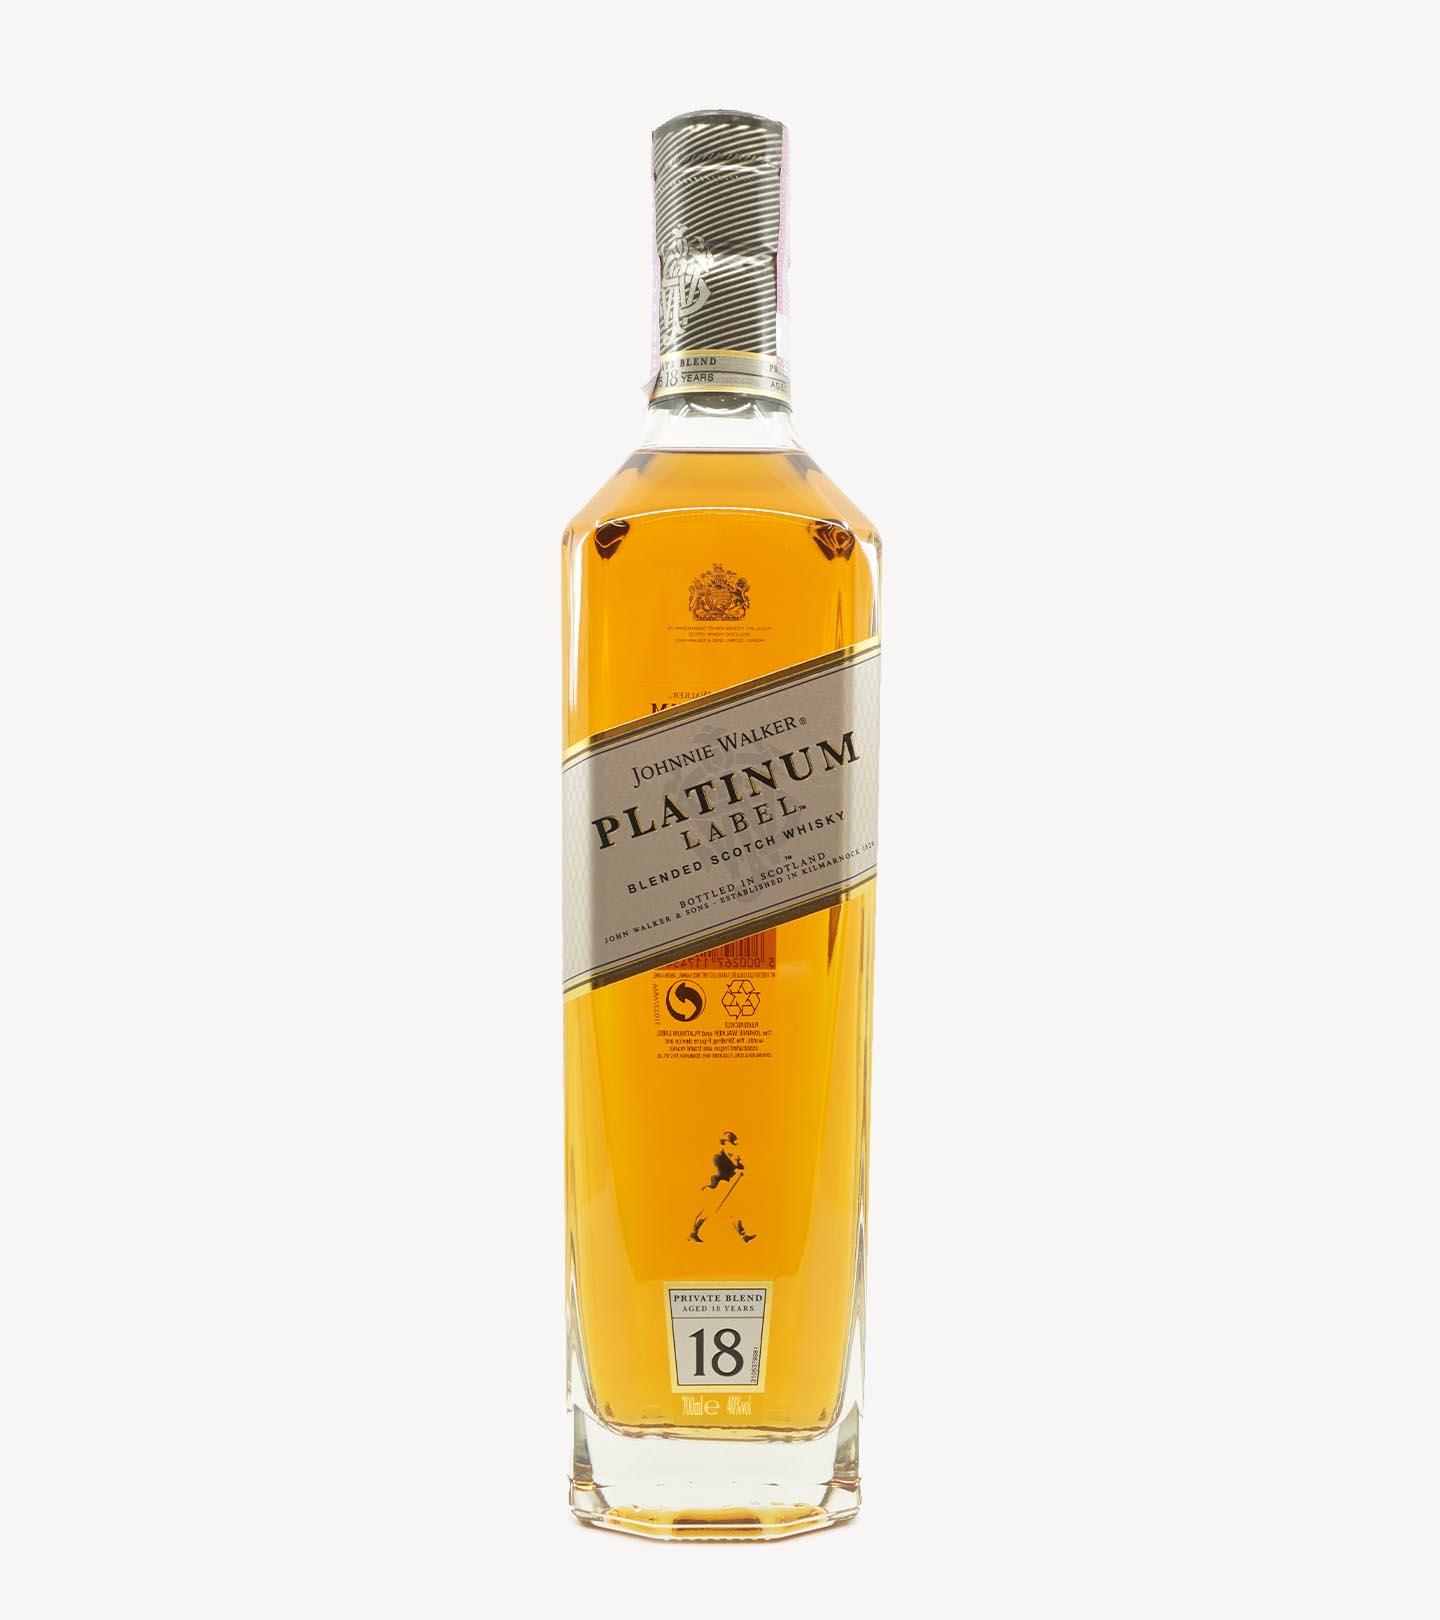 Whisky Johnnie Walker Platinum Label 18 anos 75cl